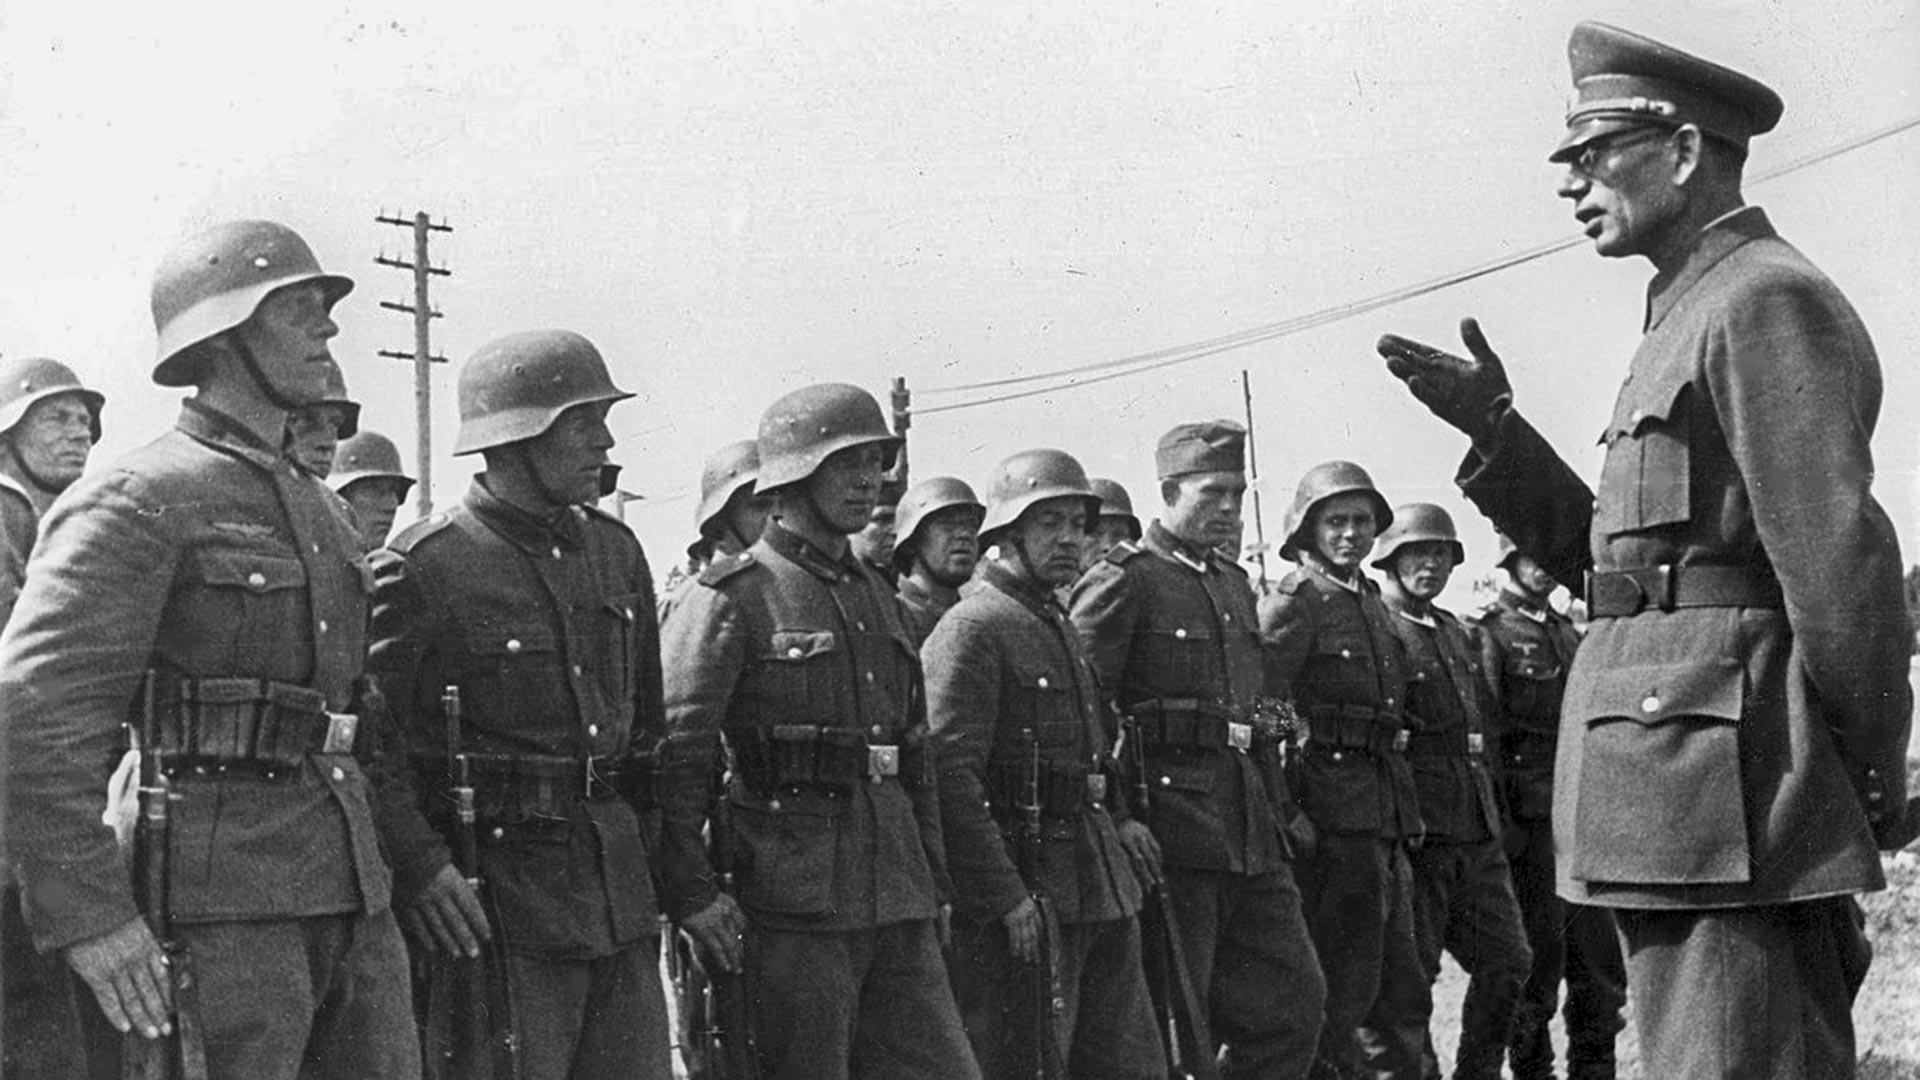 ウラソフとロシア解放軍の兵士